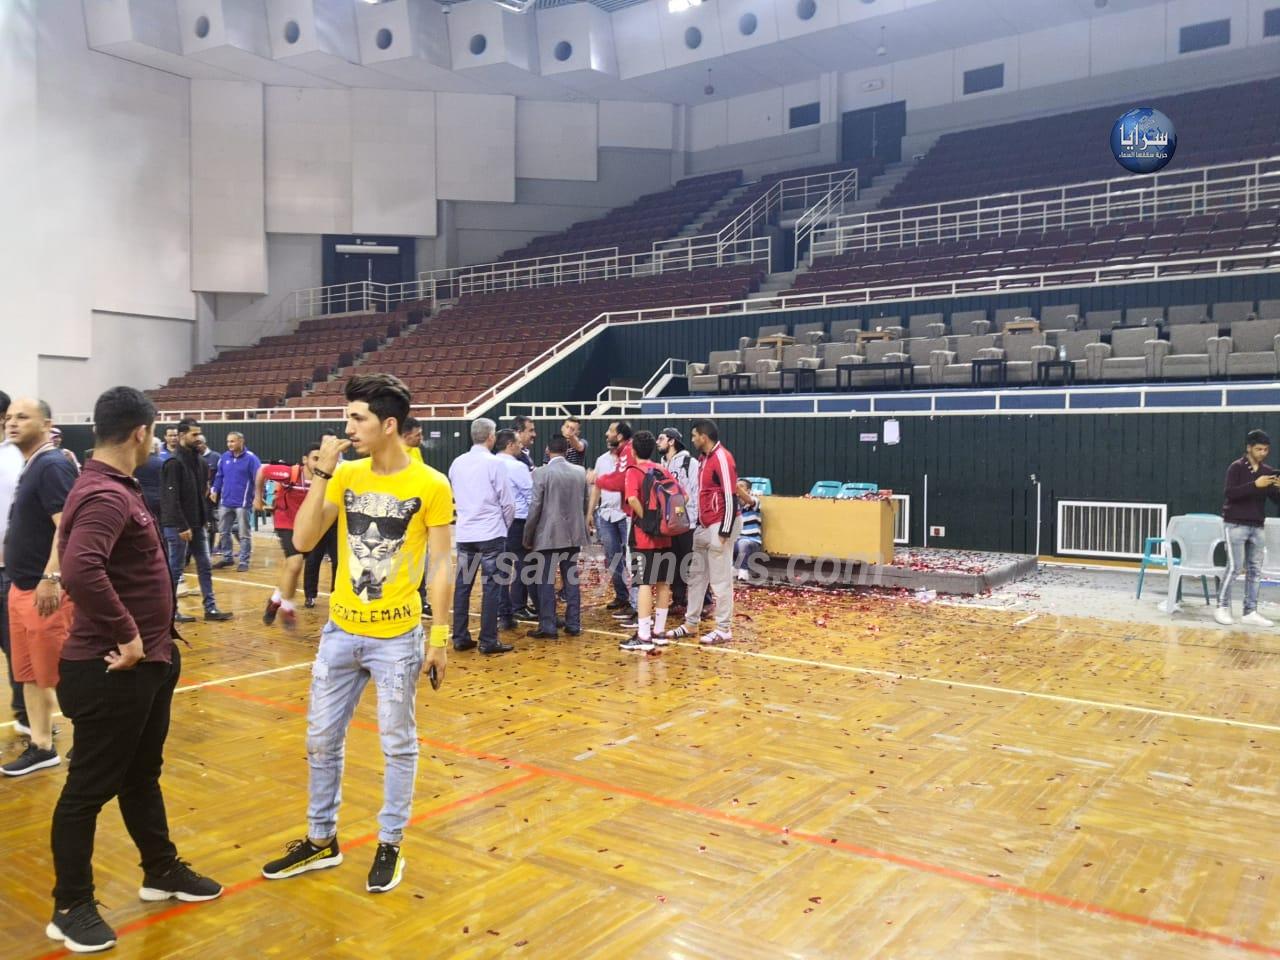 بالصور : الامن يتدخل لإنهاء شغب خلال تتويج نادي العربي ببطولة الشباب لكرة اليد